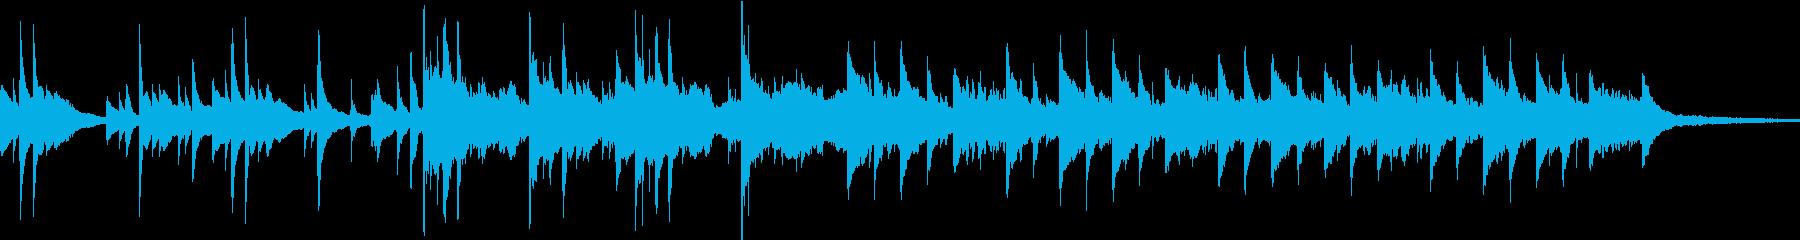 企業VPや映像/ノスタルジックなピアノSの再生済みの波形